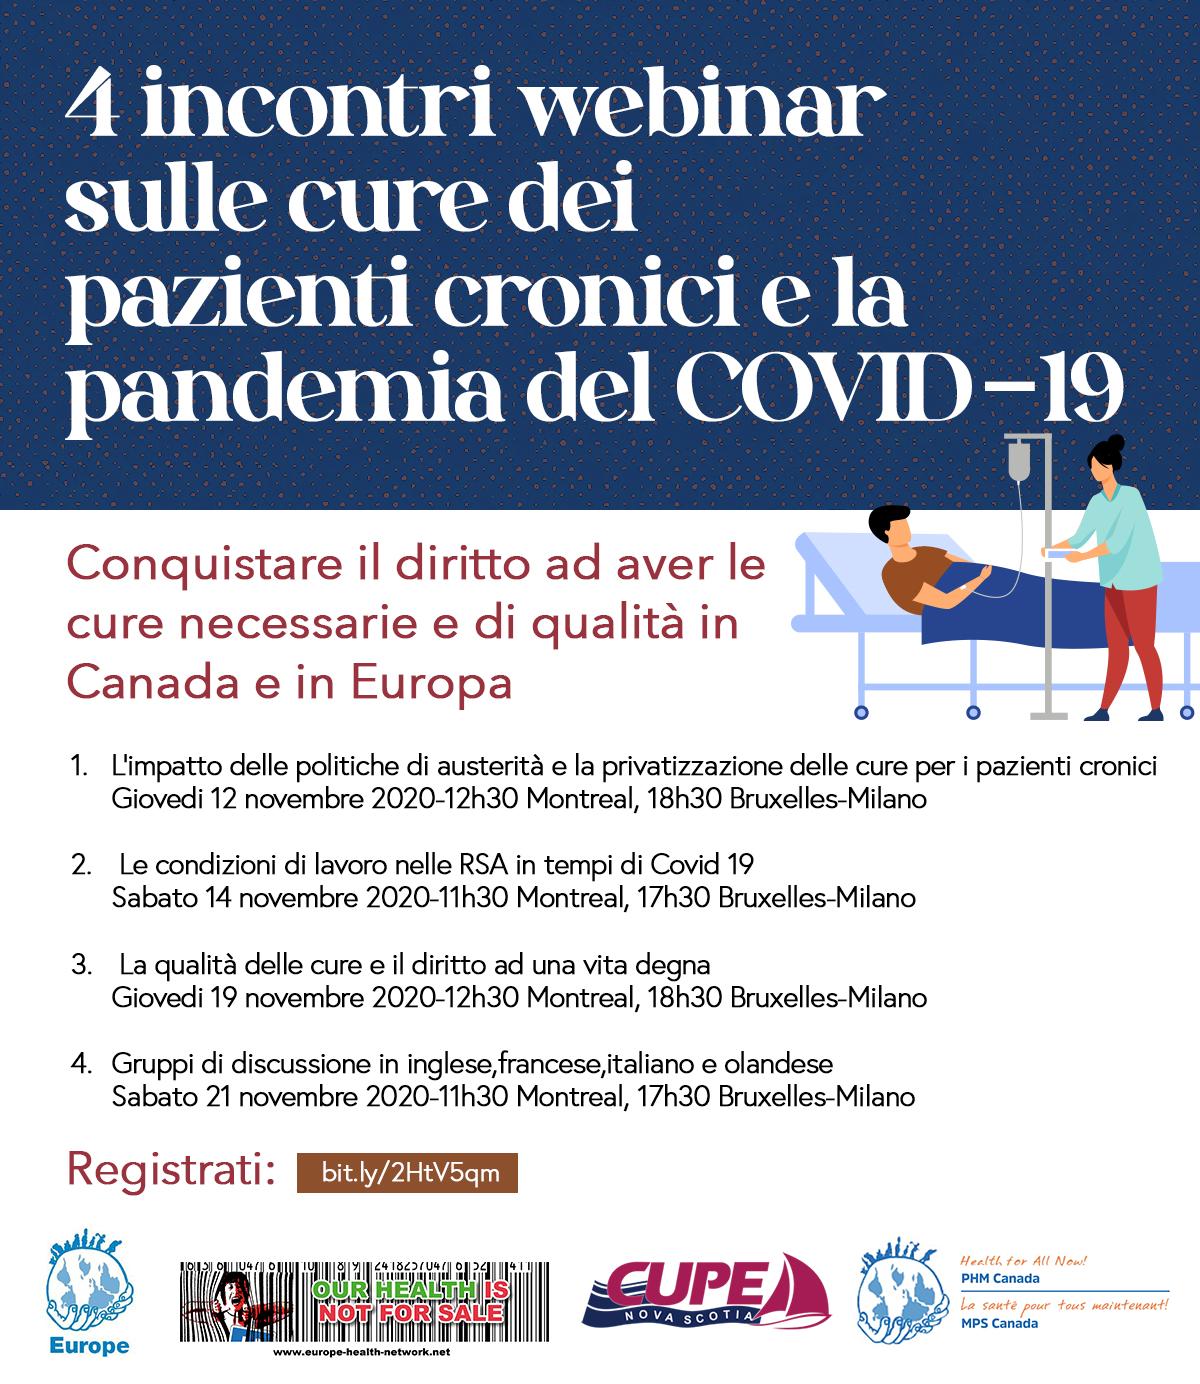 4 incontri webinar sulle cure dei pazienti cronici e la pandemia del COVID-19 in Europa e in Canada 12-14-19-21 novembre